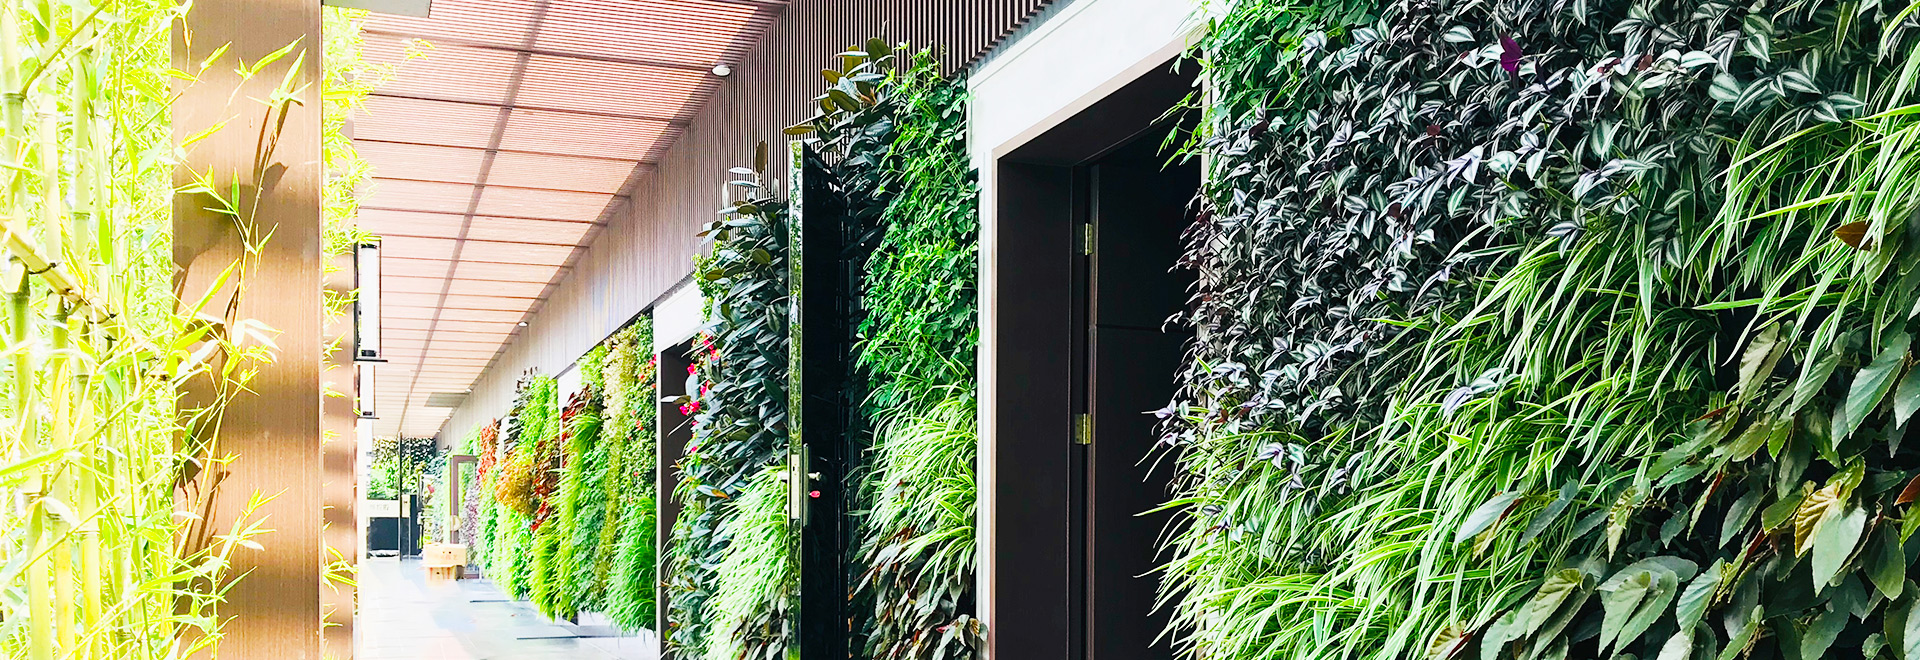 深圳植物墙公司